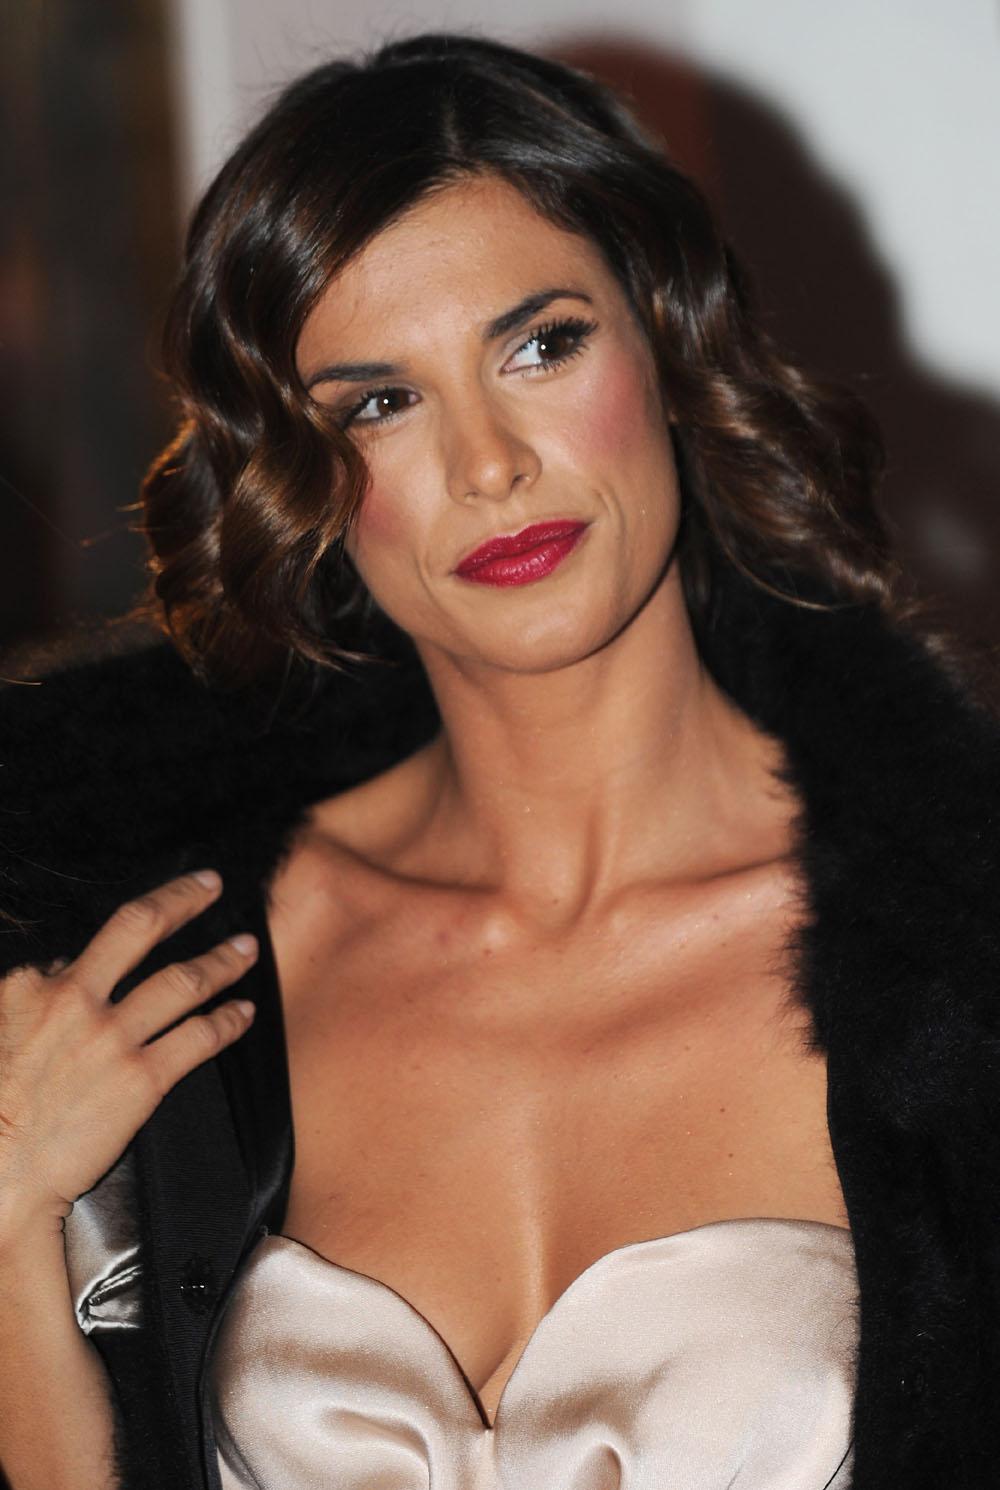 Young Elisabetta Canalis nude photos 2019